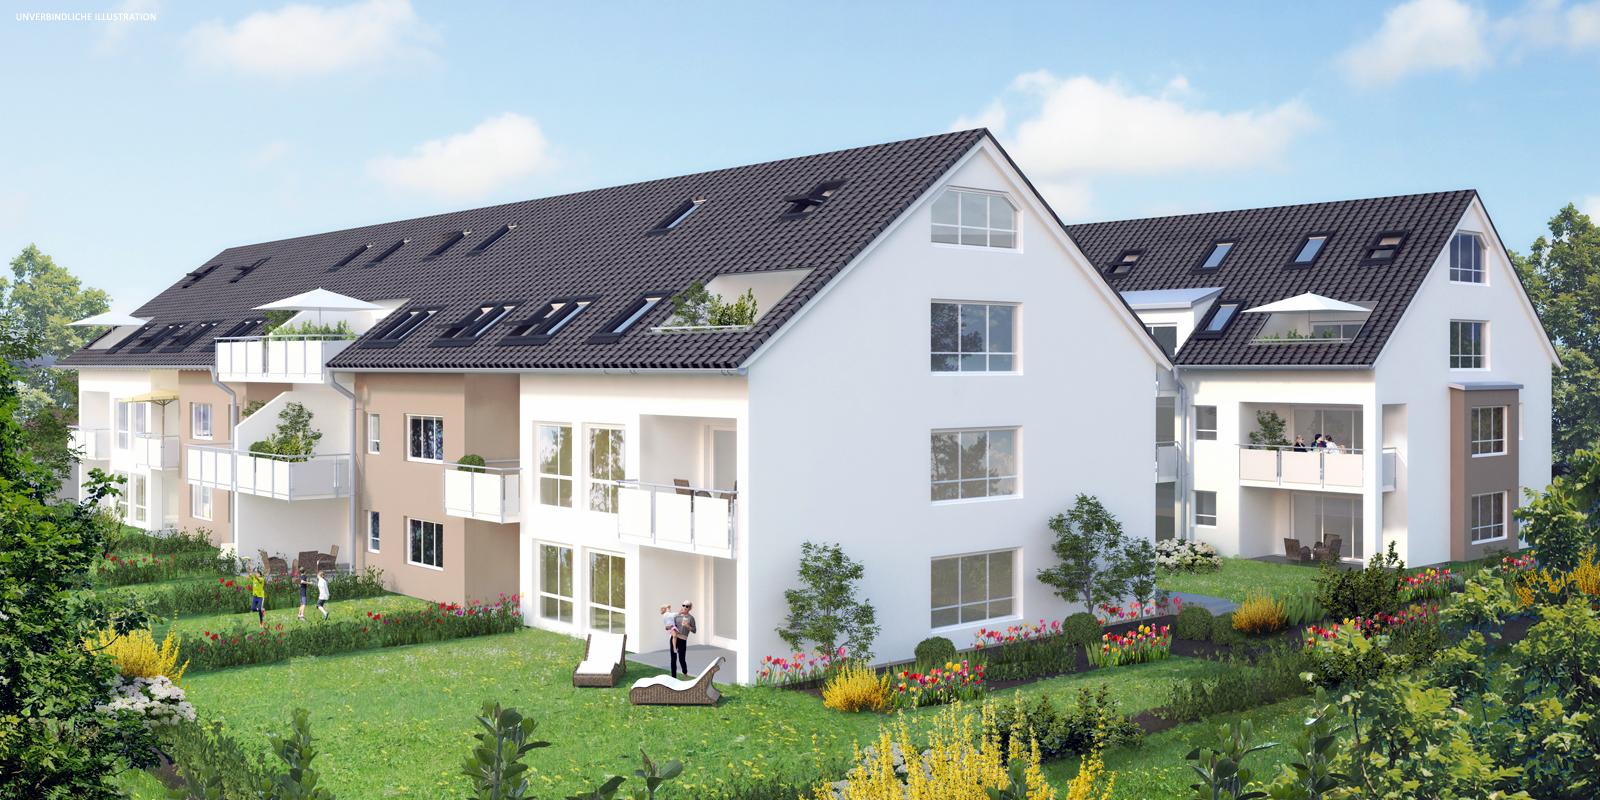 Permalink to Wohnung Suchen Stuttgart